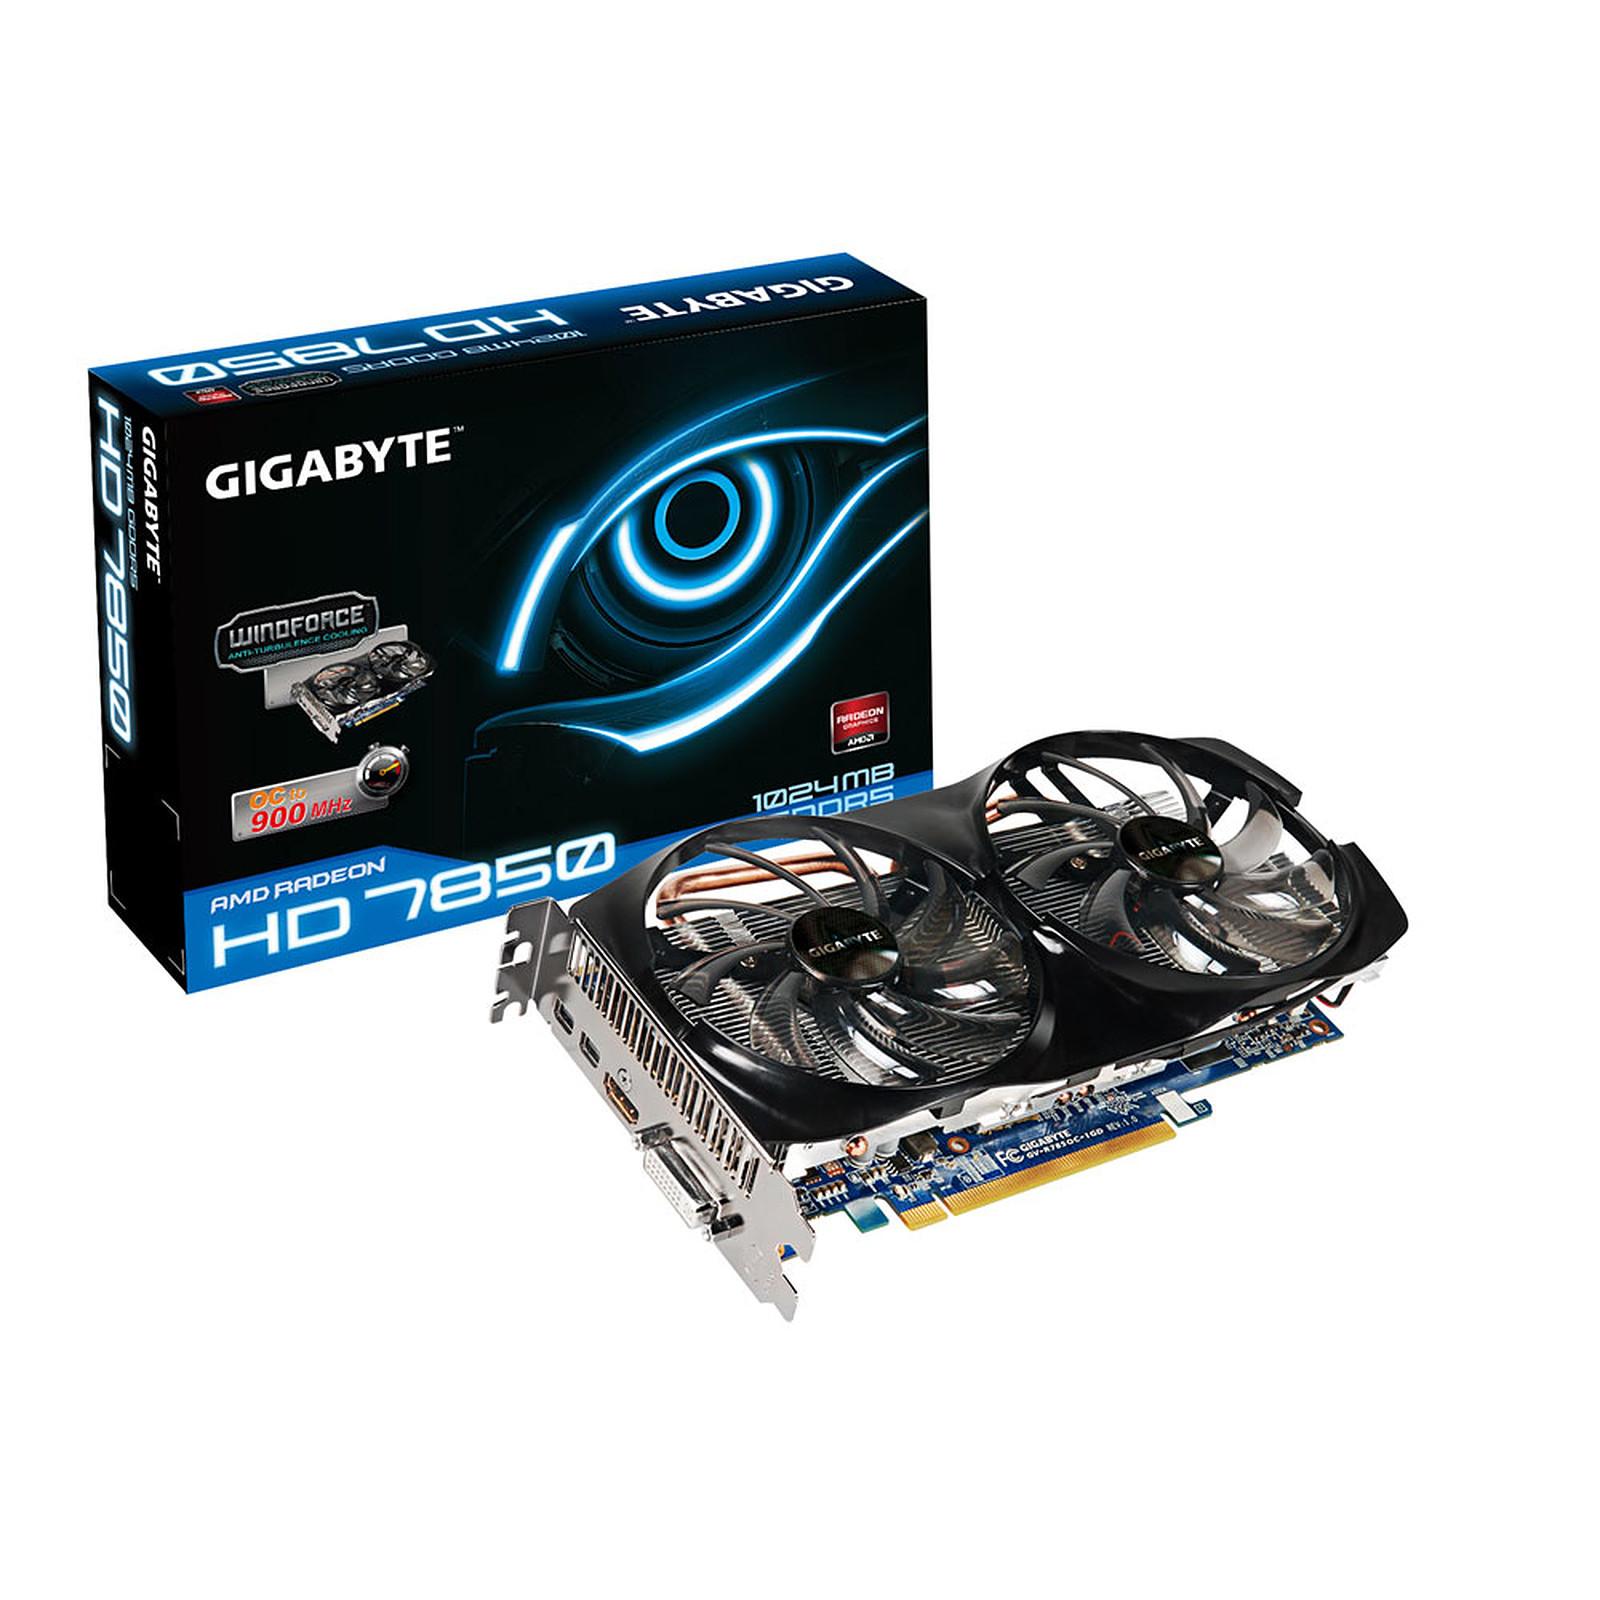 Gigabyte GV-R785OC-1GD 1 GB